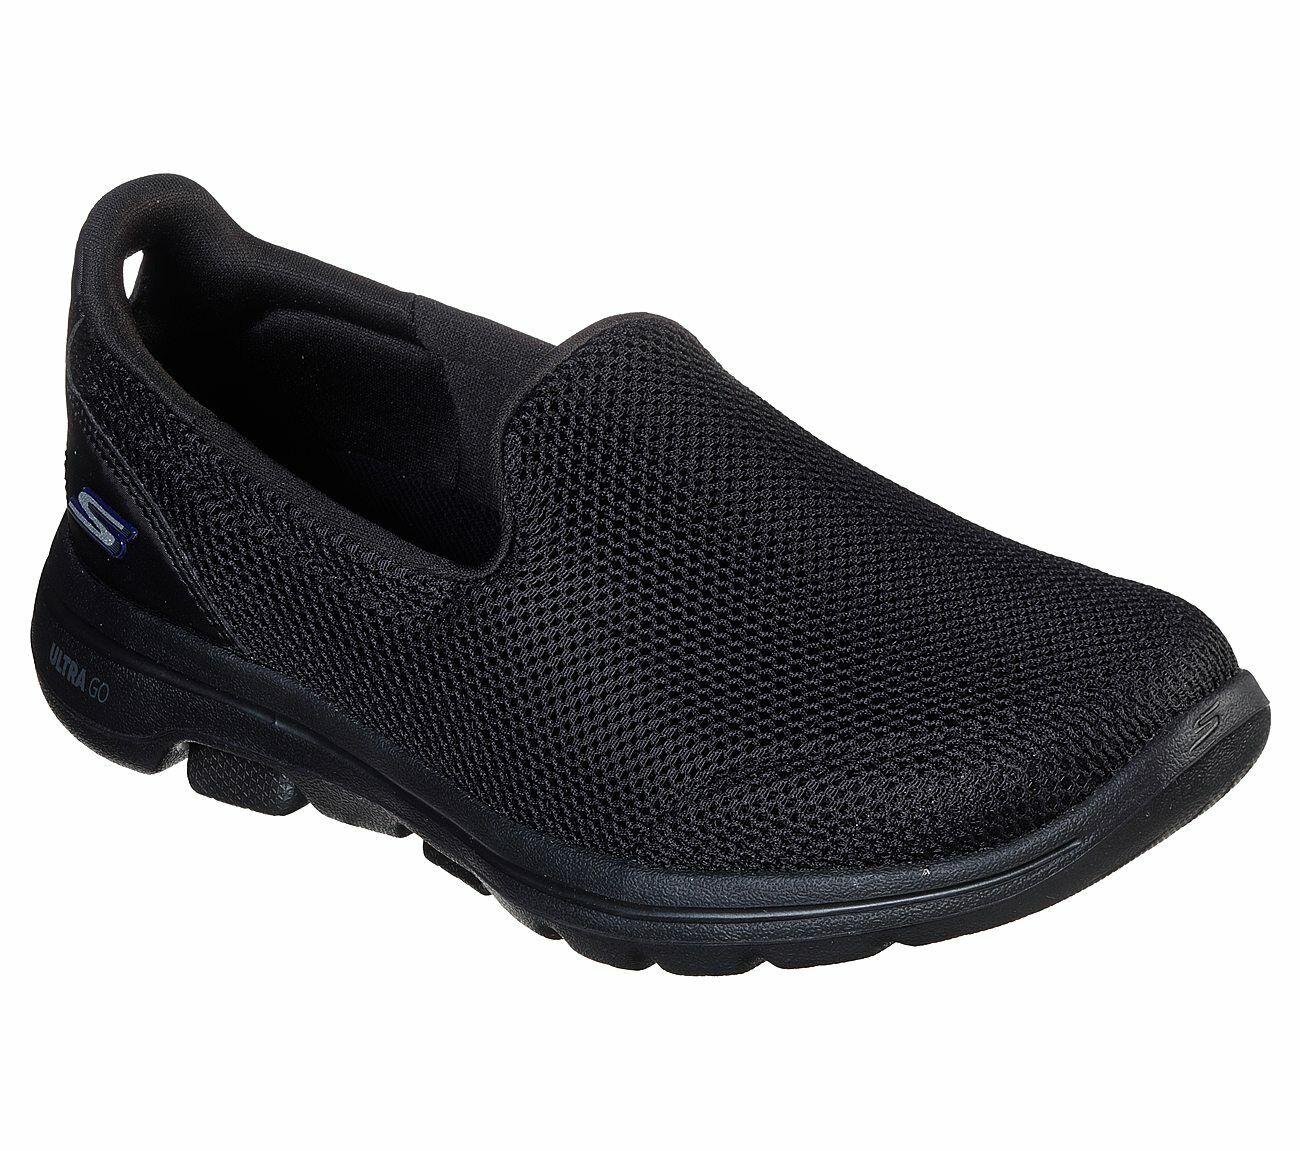 Skechers Shoes Wide Fit Black Go Walk 5 Women Casual Slip On